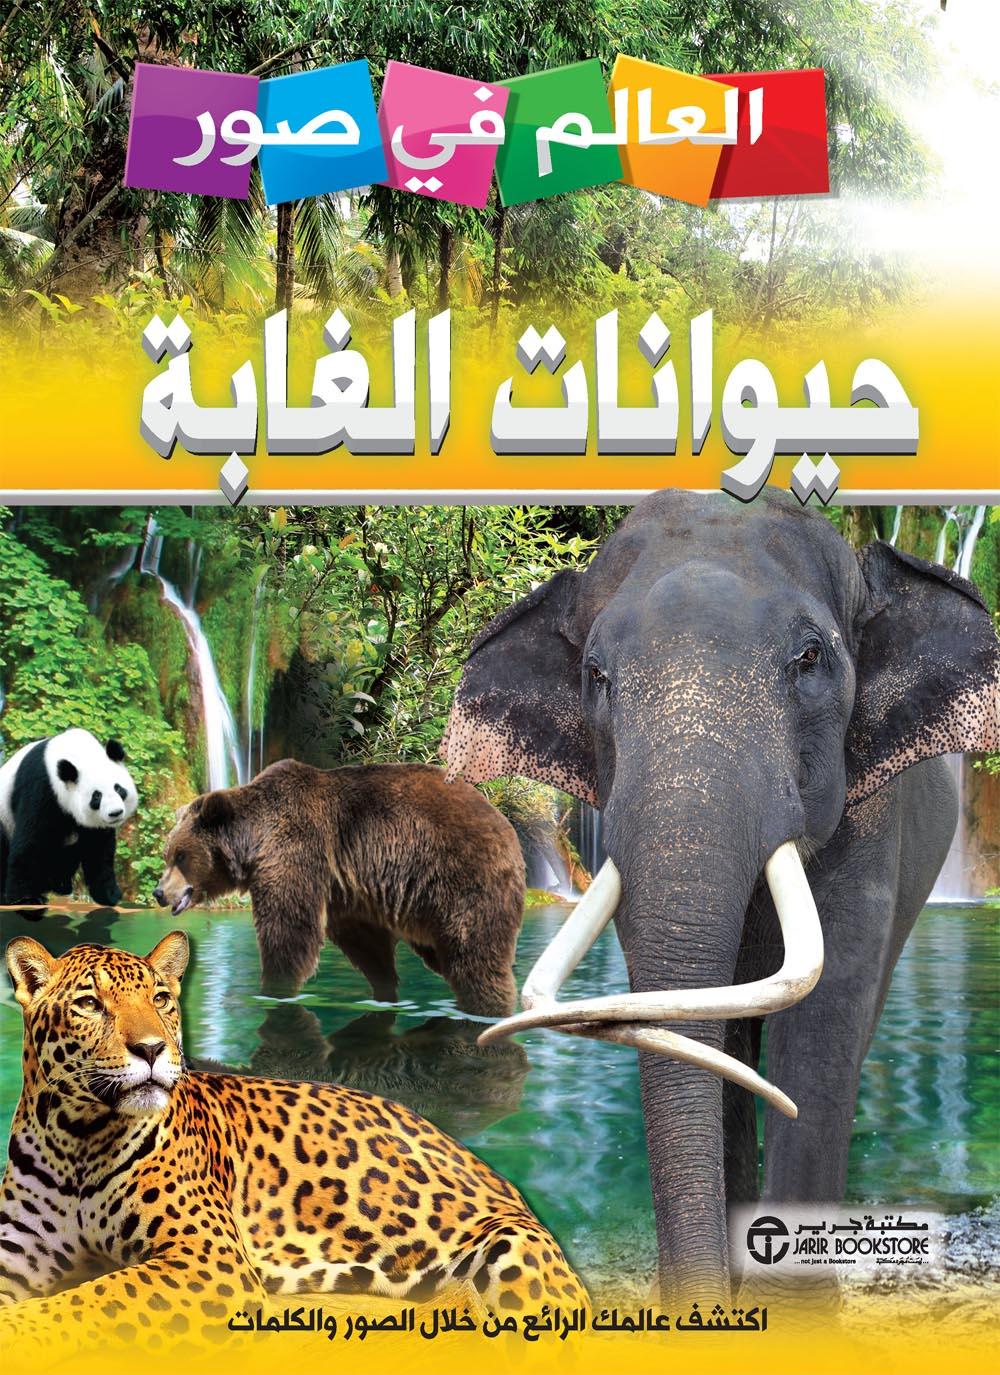 اجمل صور الحيوانات 2021 7